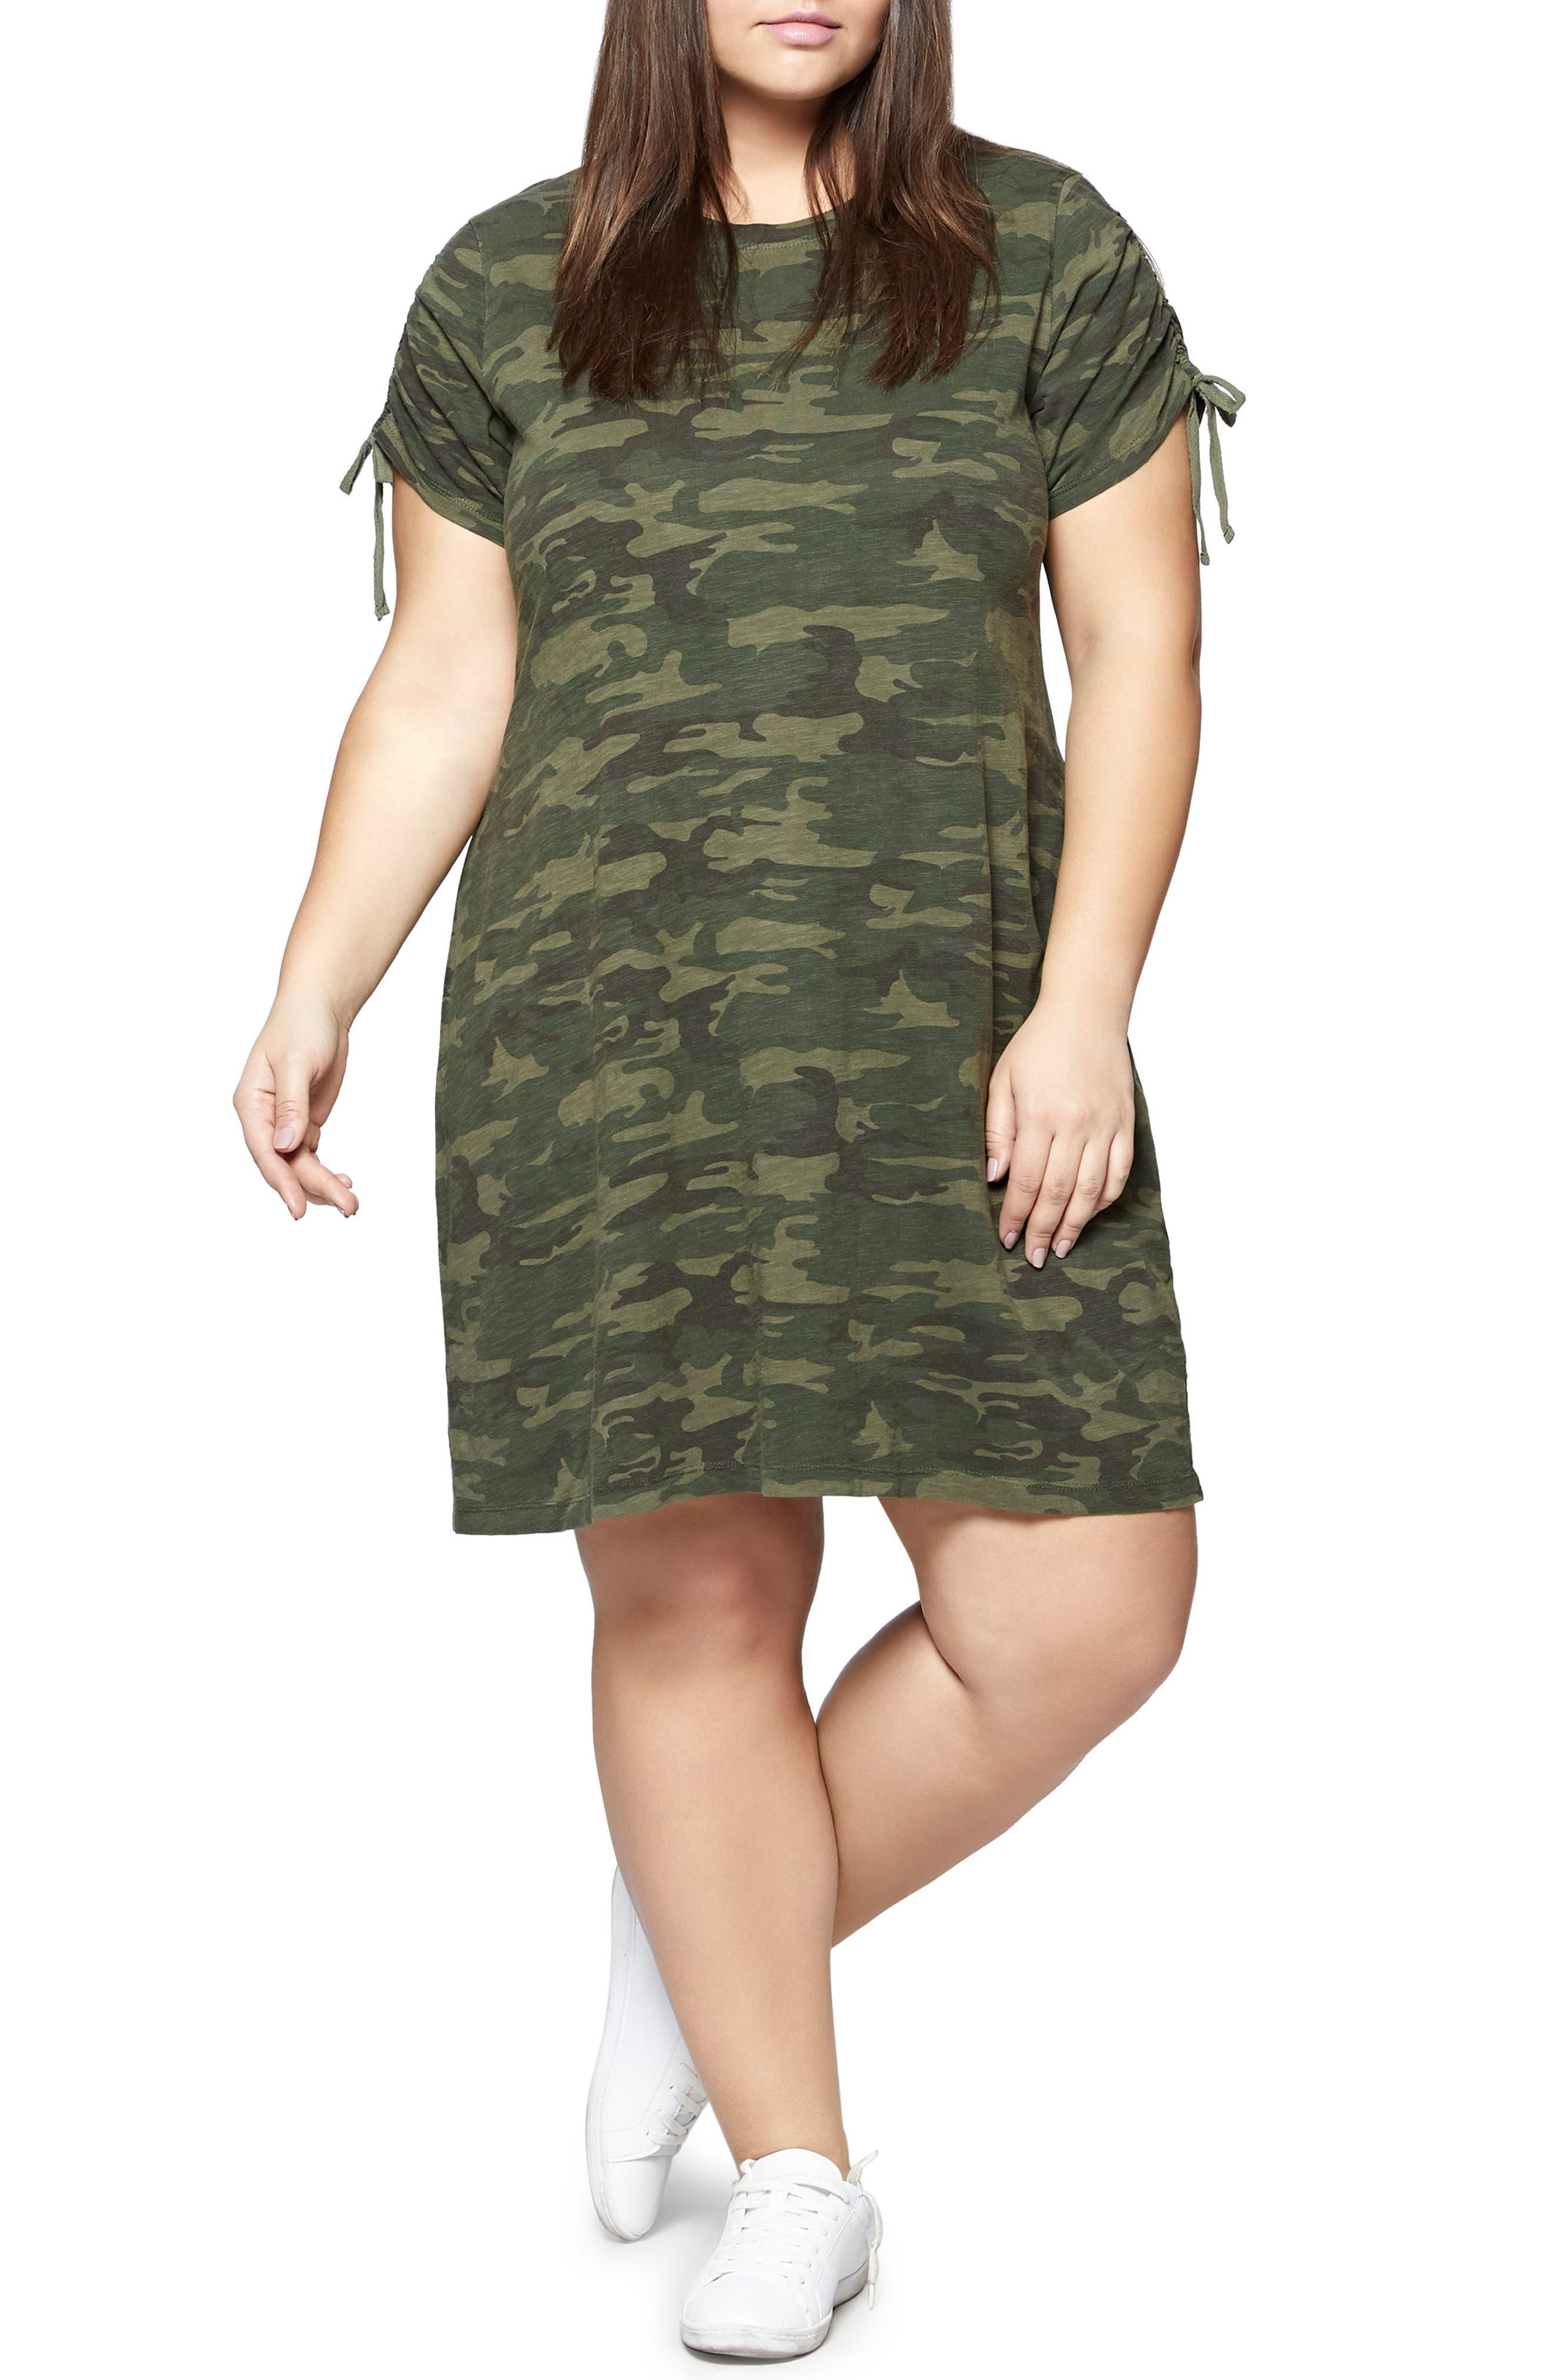 Ojai Camo T-Shirt Dress,                             Main thumbnail 1, color,                             Mother Nature Camo